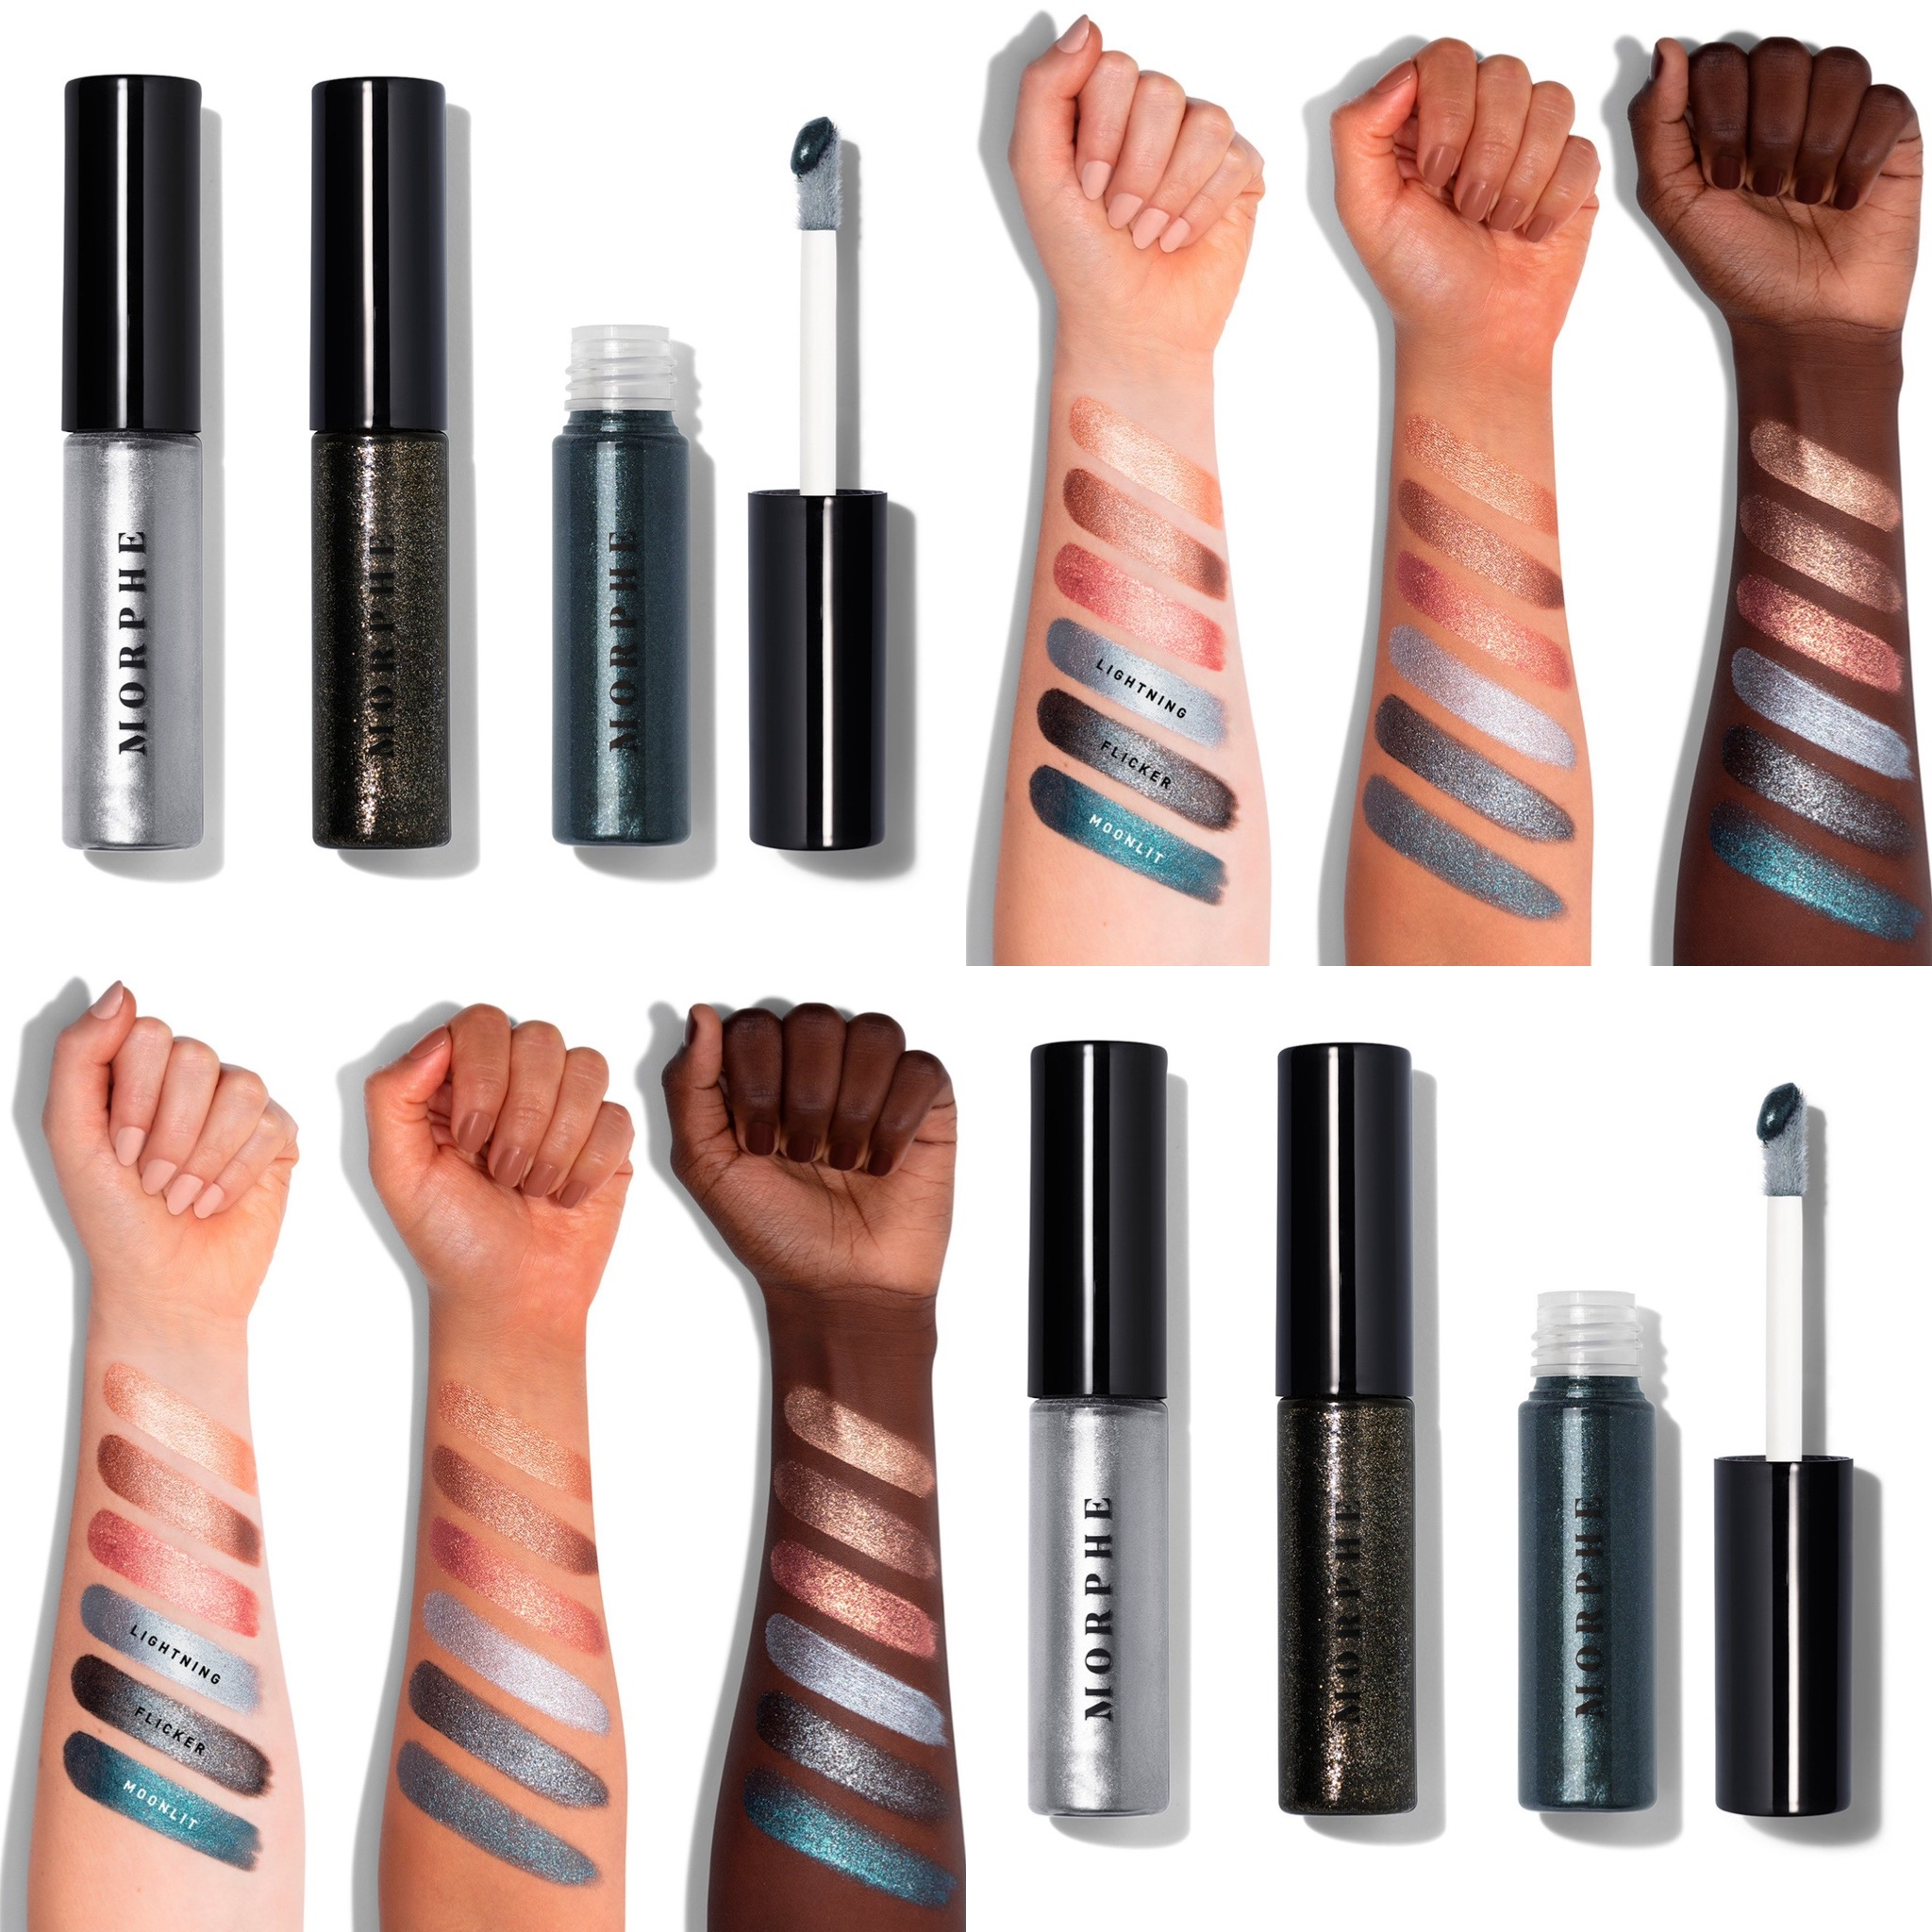 Morphe Metallic Eyeshadow Trio Collection